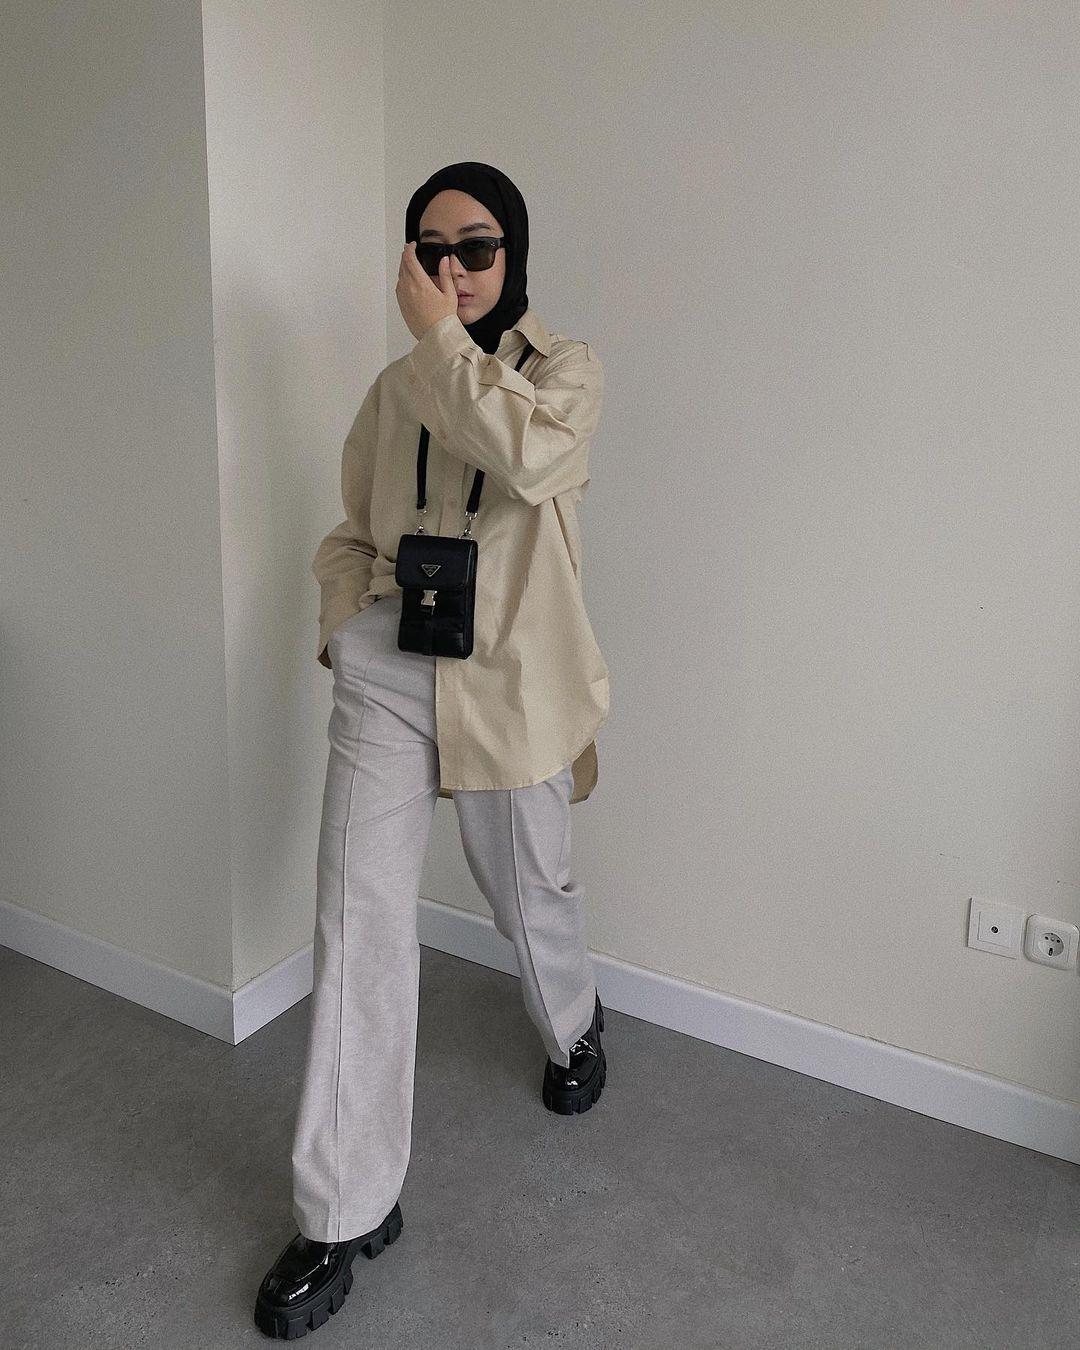 Ide OOTD Hijab yang Bisa Kamu Coba di Tahun 2021